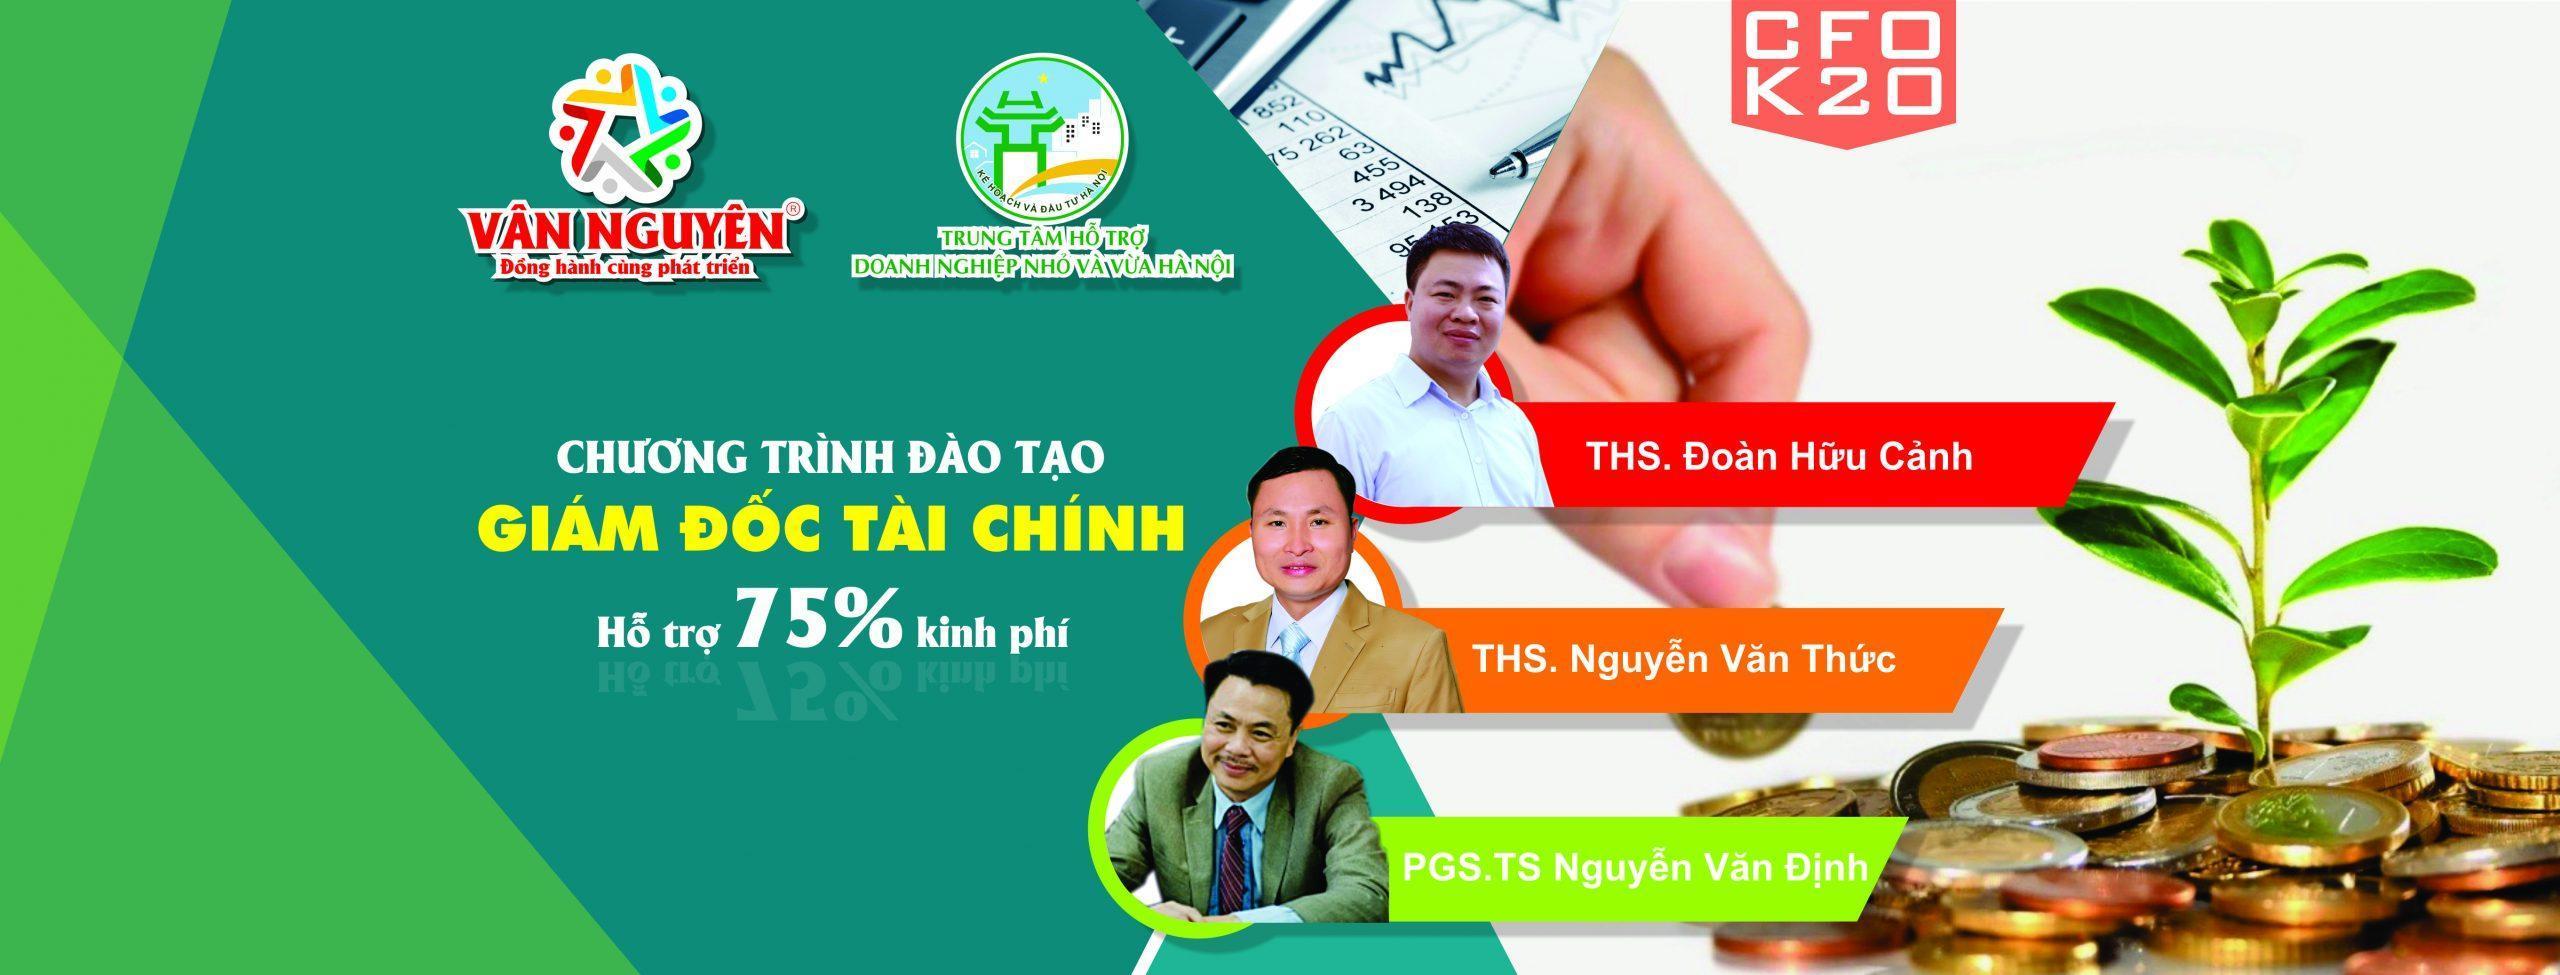 Giám đốc tài chính – CFO K20